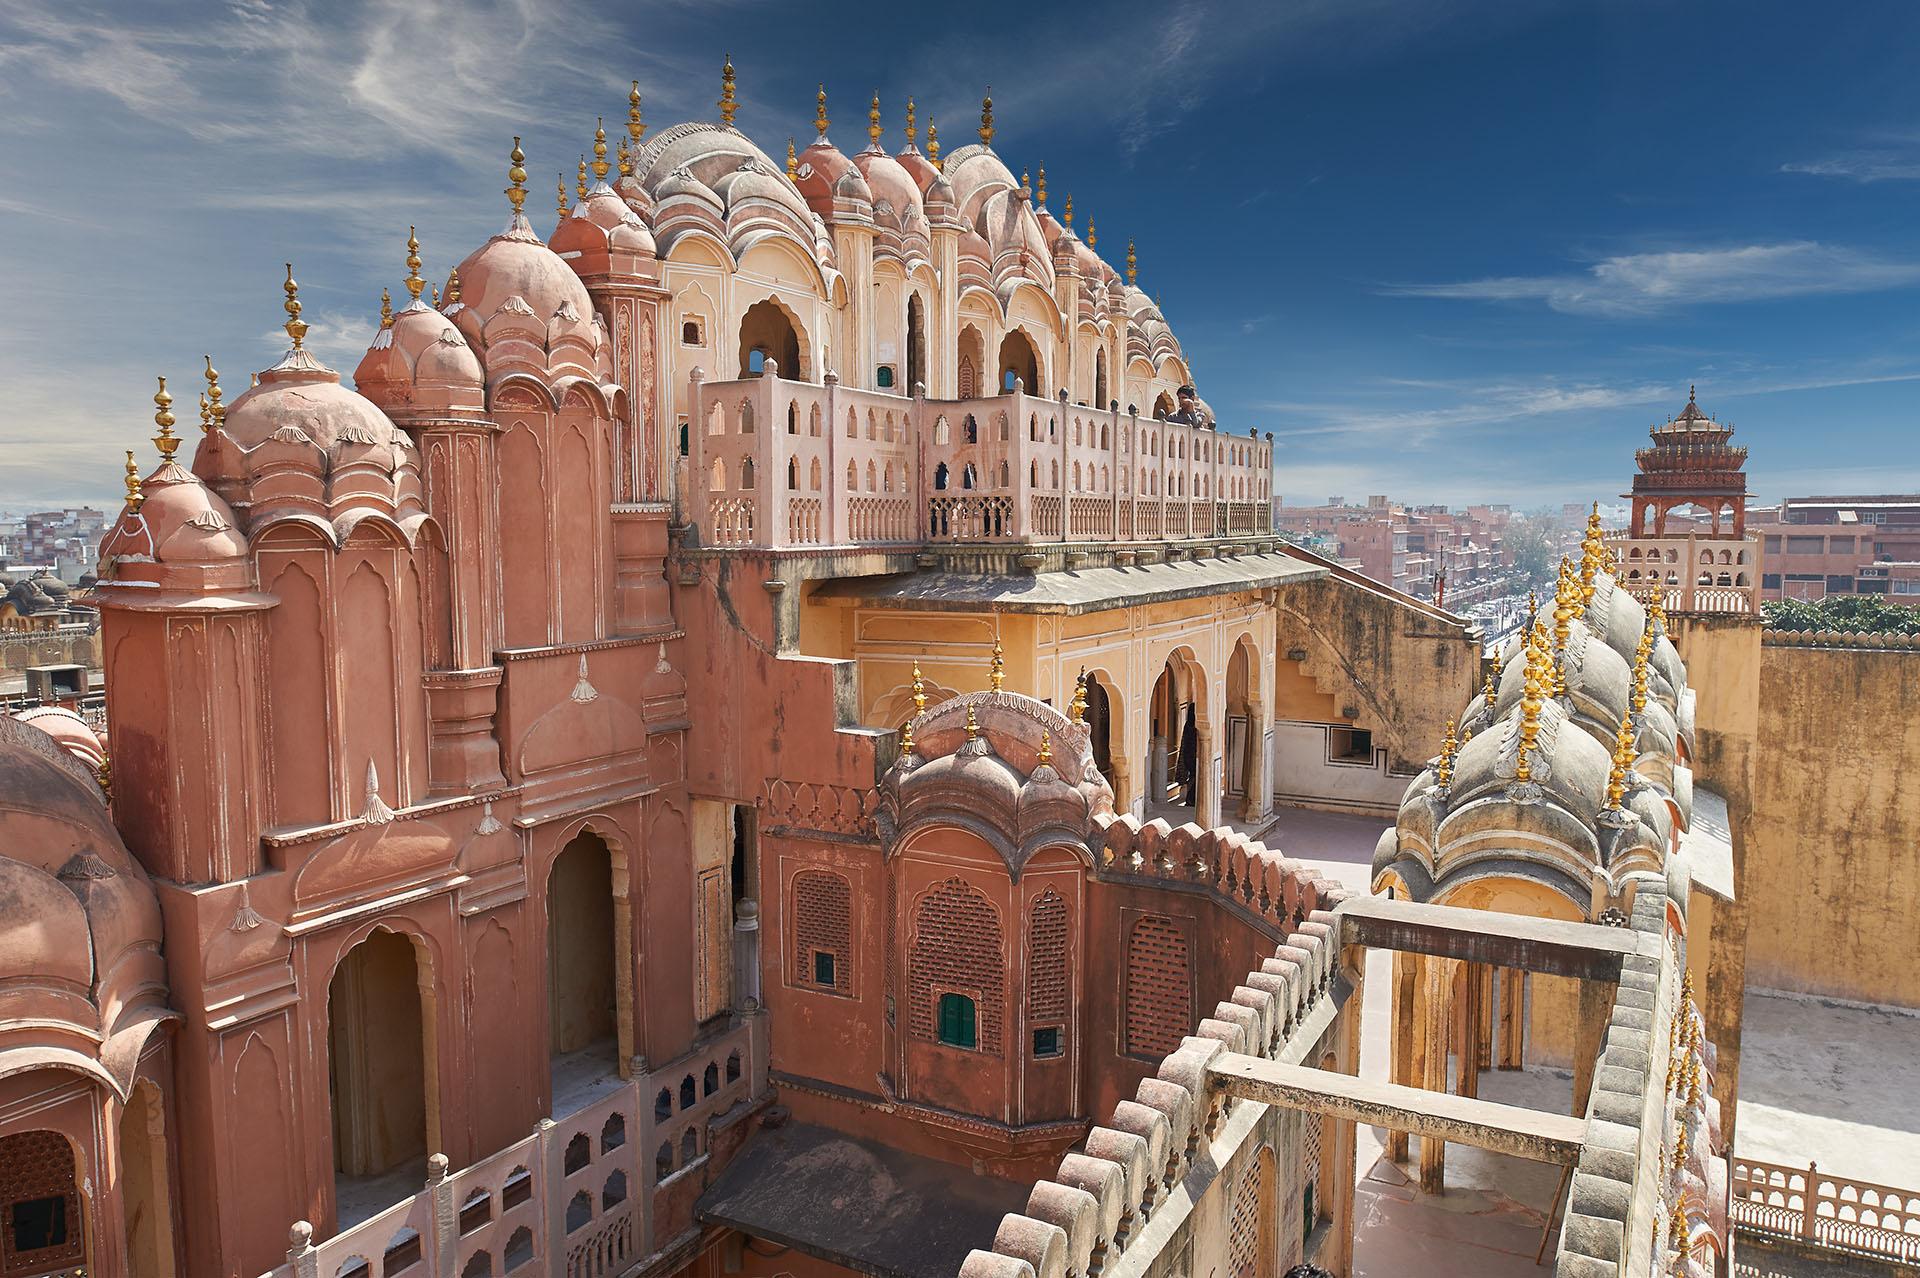 Esta edificación era la sede del Maharaja de Jaipur, el jefe del clan Kachwaha Rajput